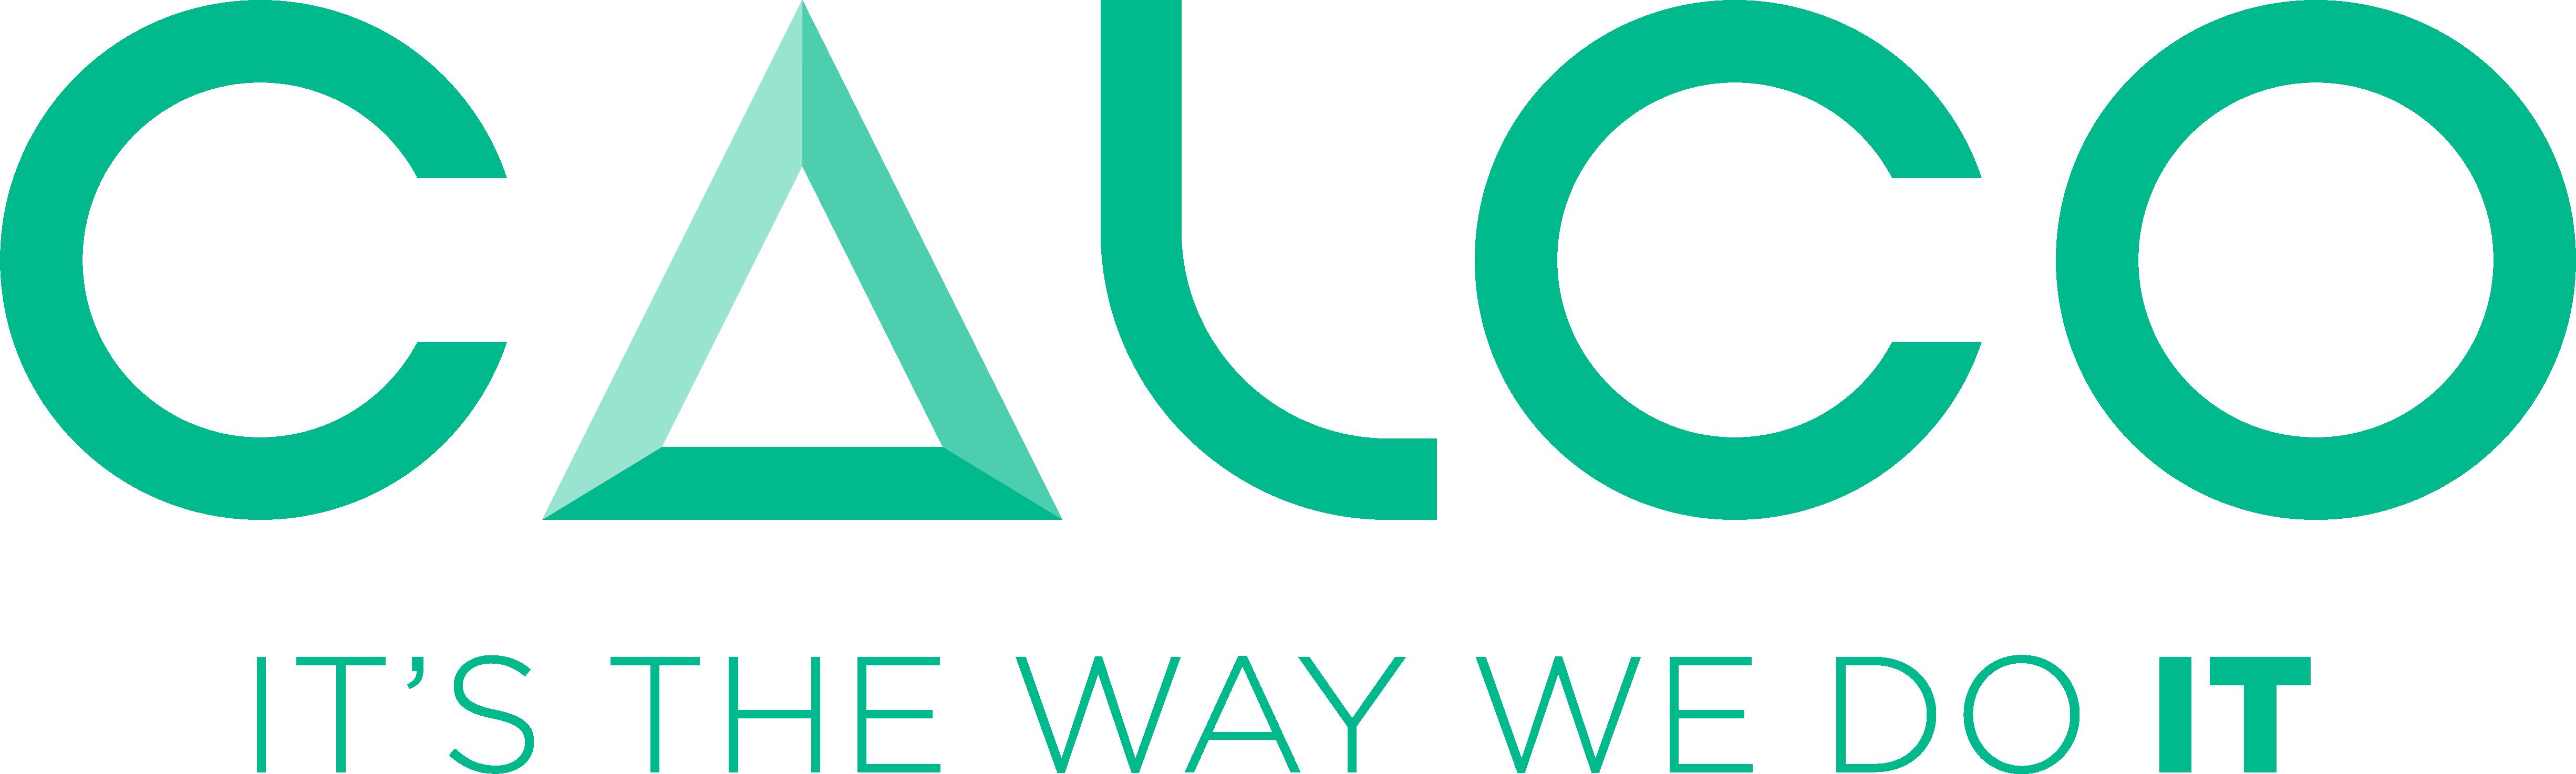 Traineeship Calco MasterClass bij Calco